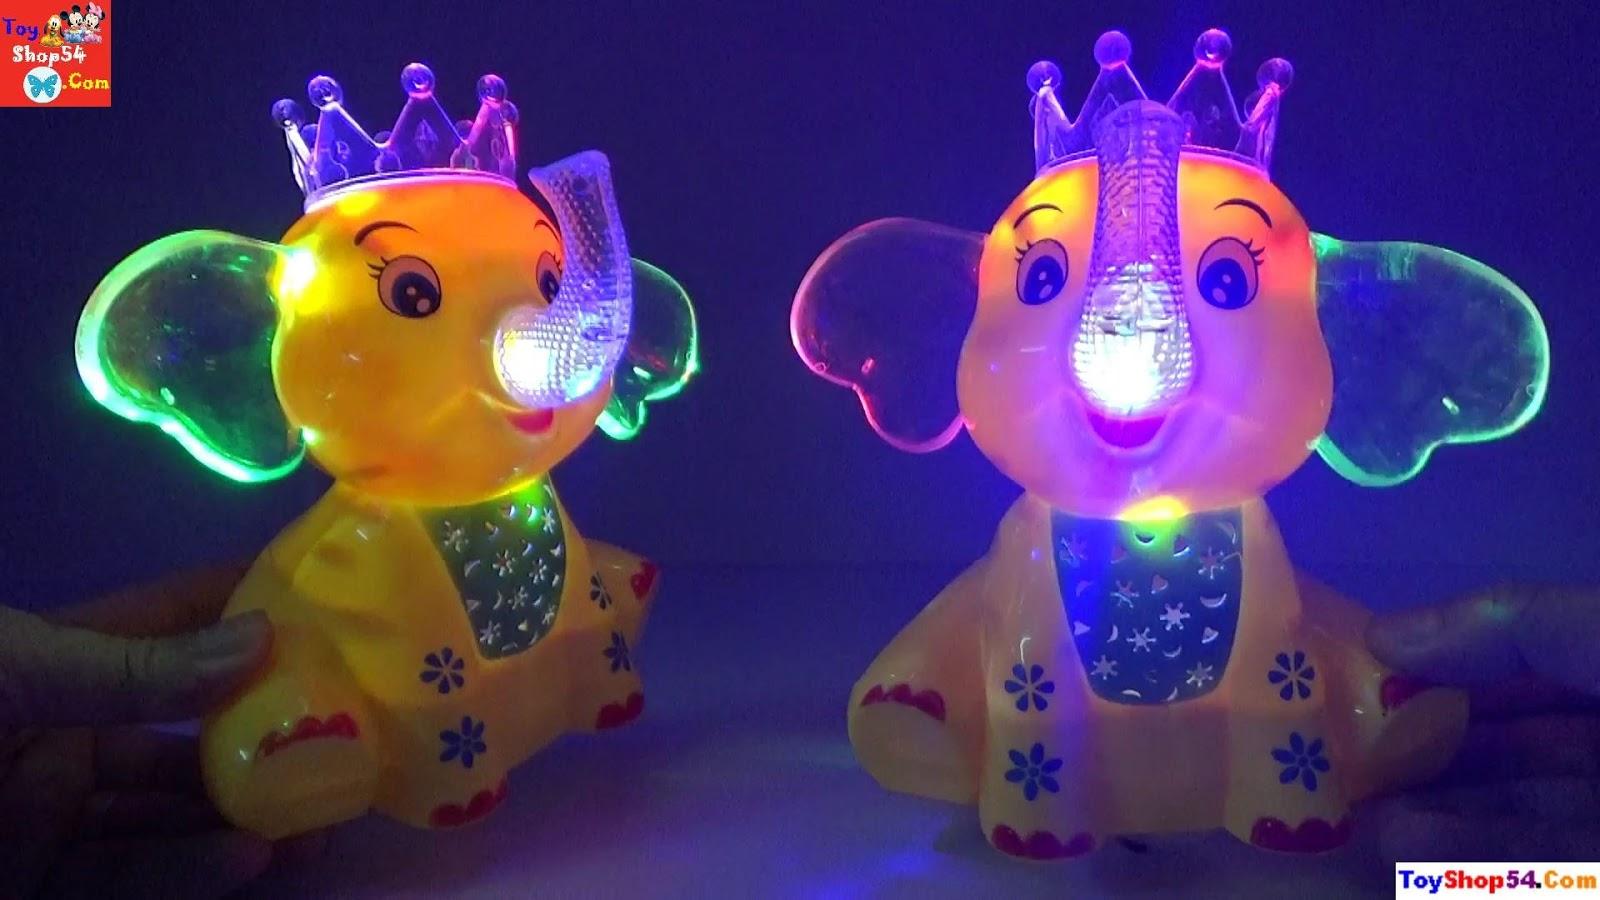 Imagenes Para Fondo De Pantalla Hd Con Movimientos: Fondo De Pantalla Elefantes